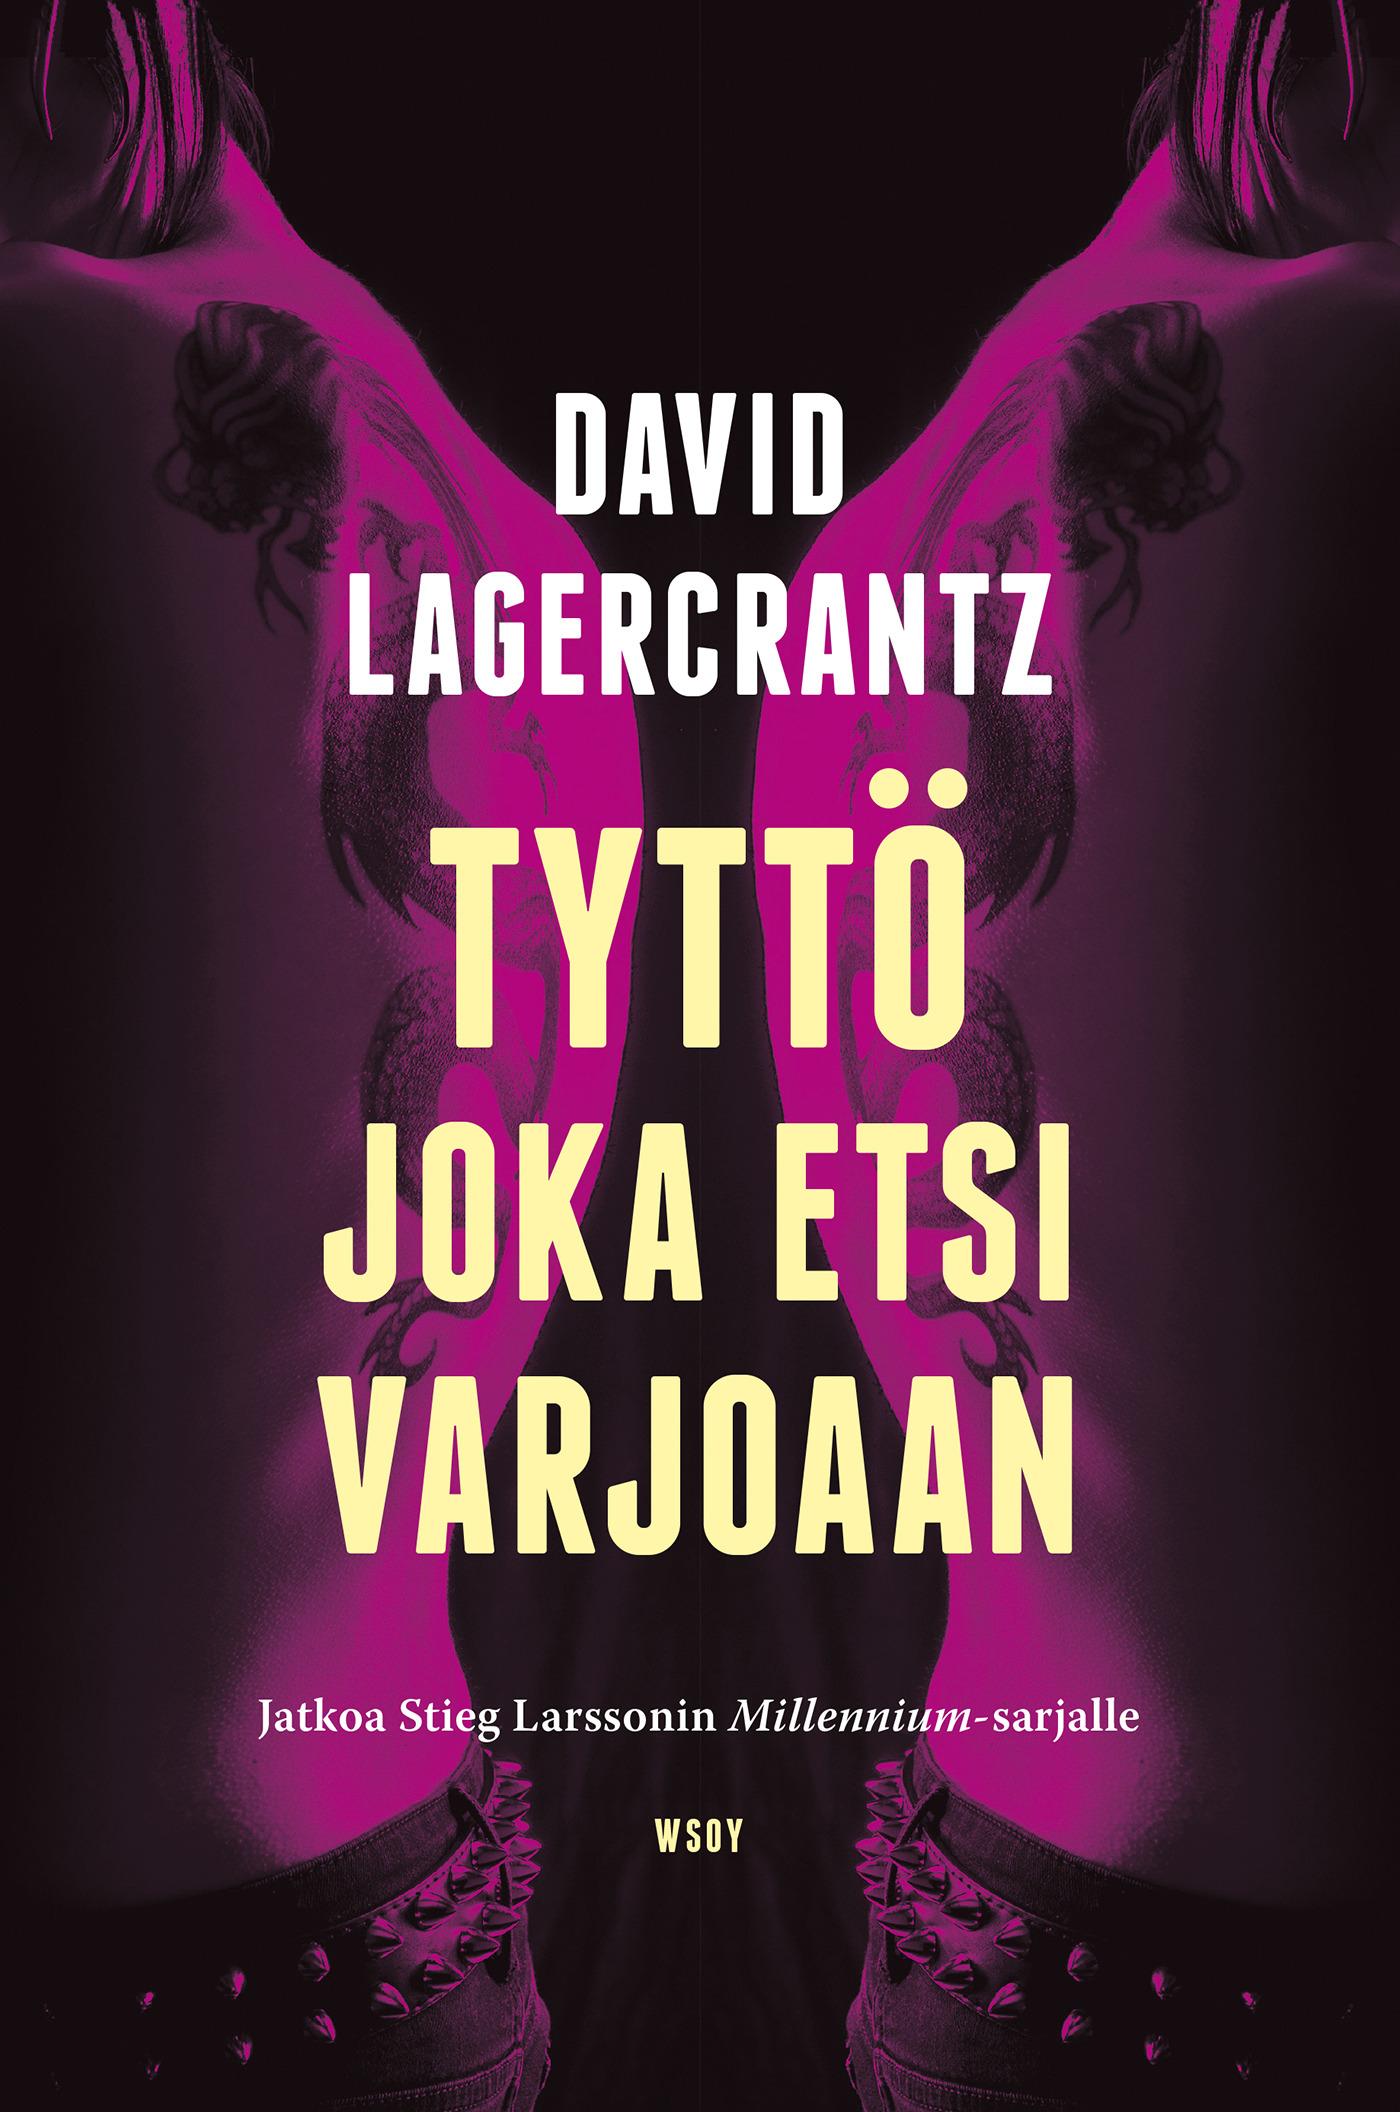 Lagercrantz, David - Tyttö joka etsi varjoaan: Millennium 5, e-kirja